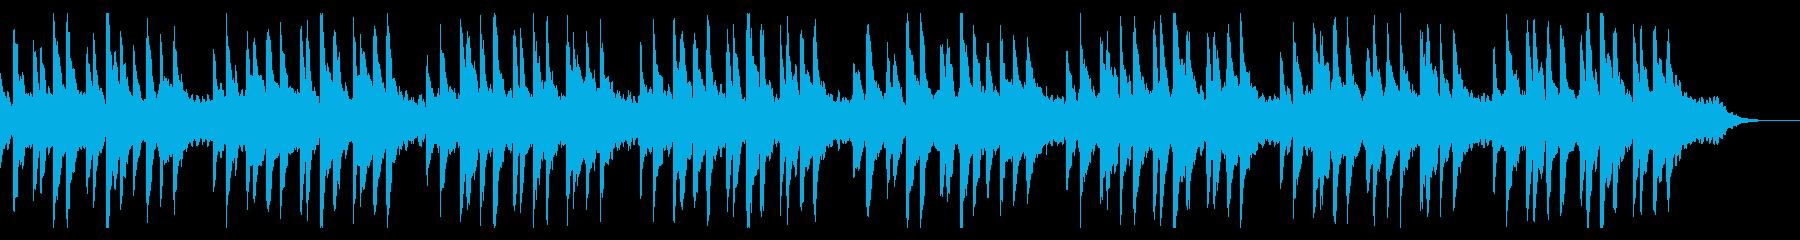 蛍の光 ピアノ  の再生済みの波形